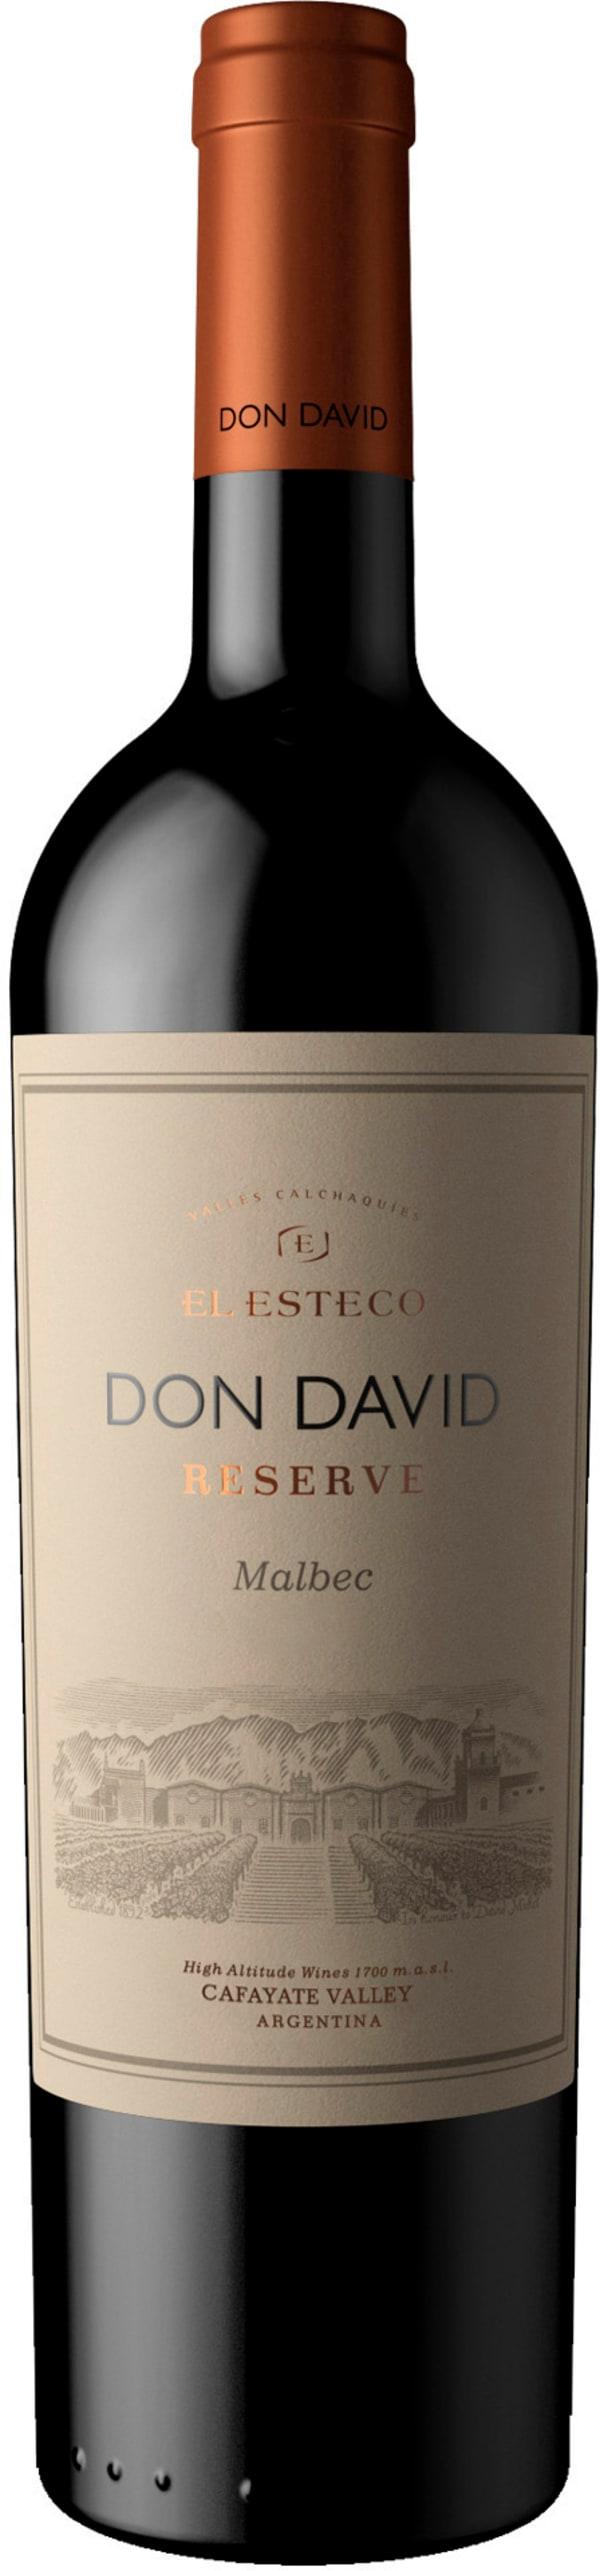 Don David Malbec Reserve 2019 presentförpackning